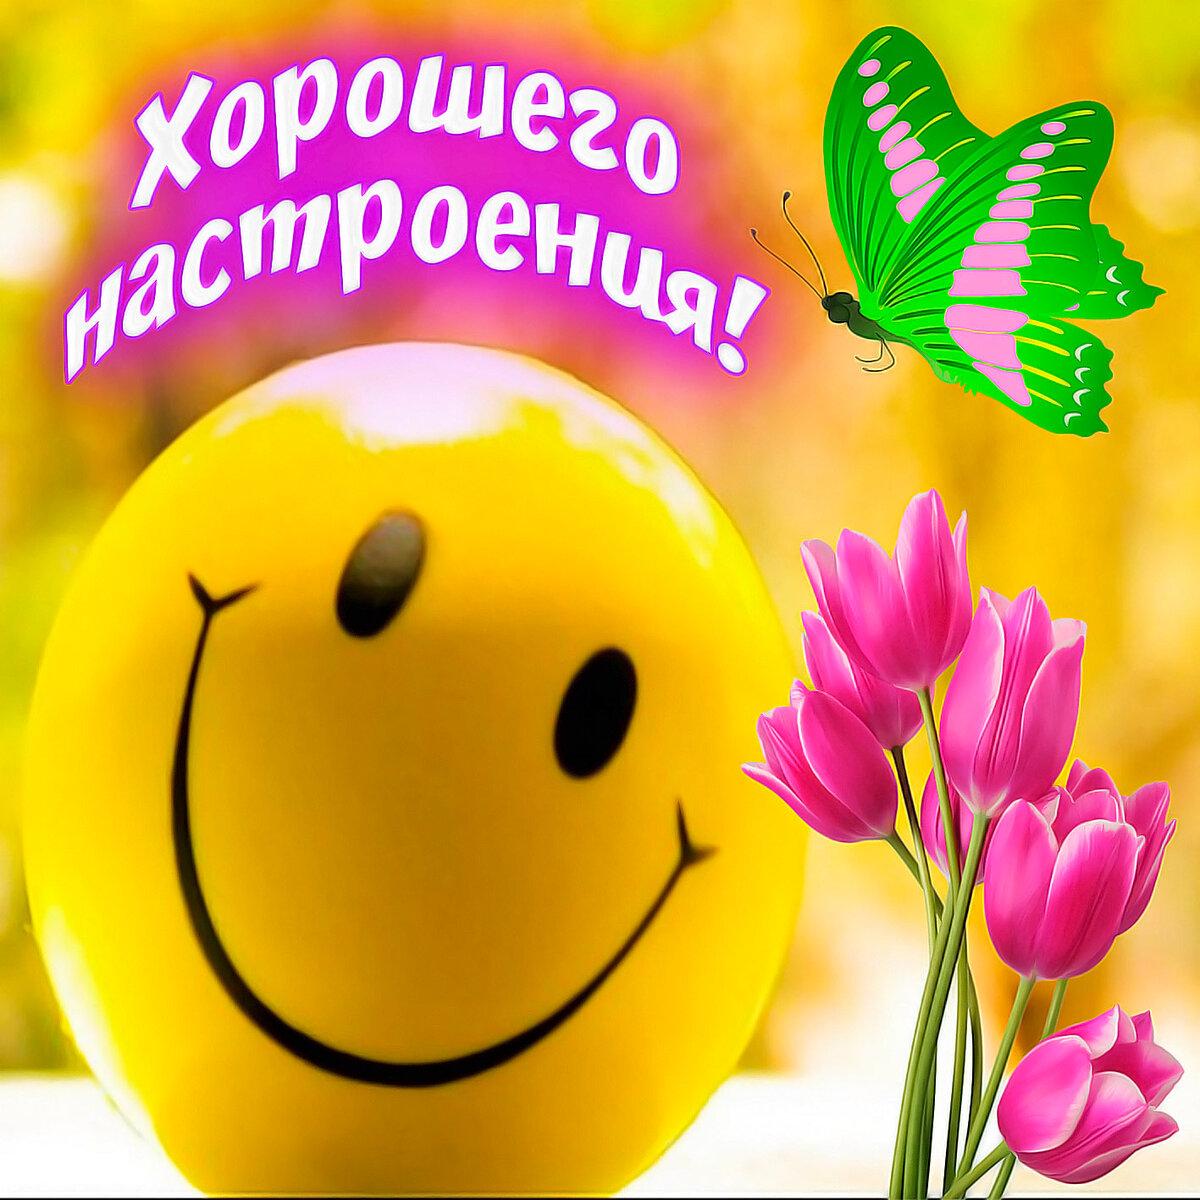 Картинка с надписью хорошего дня и отличного настроения